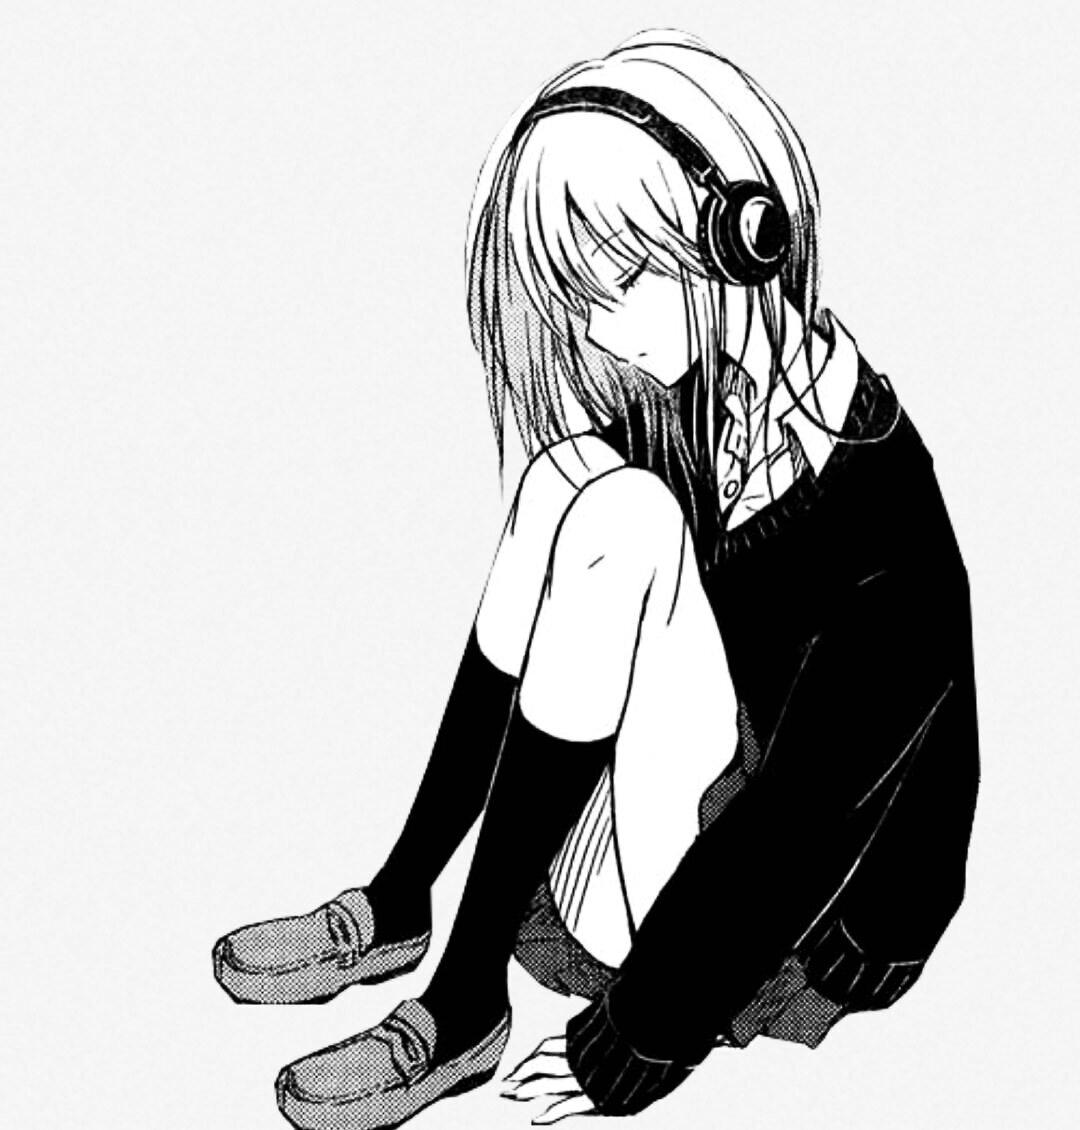 Аниме грустные картинки черно белые